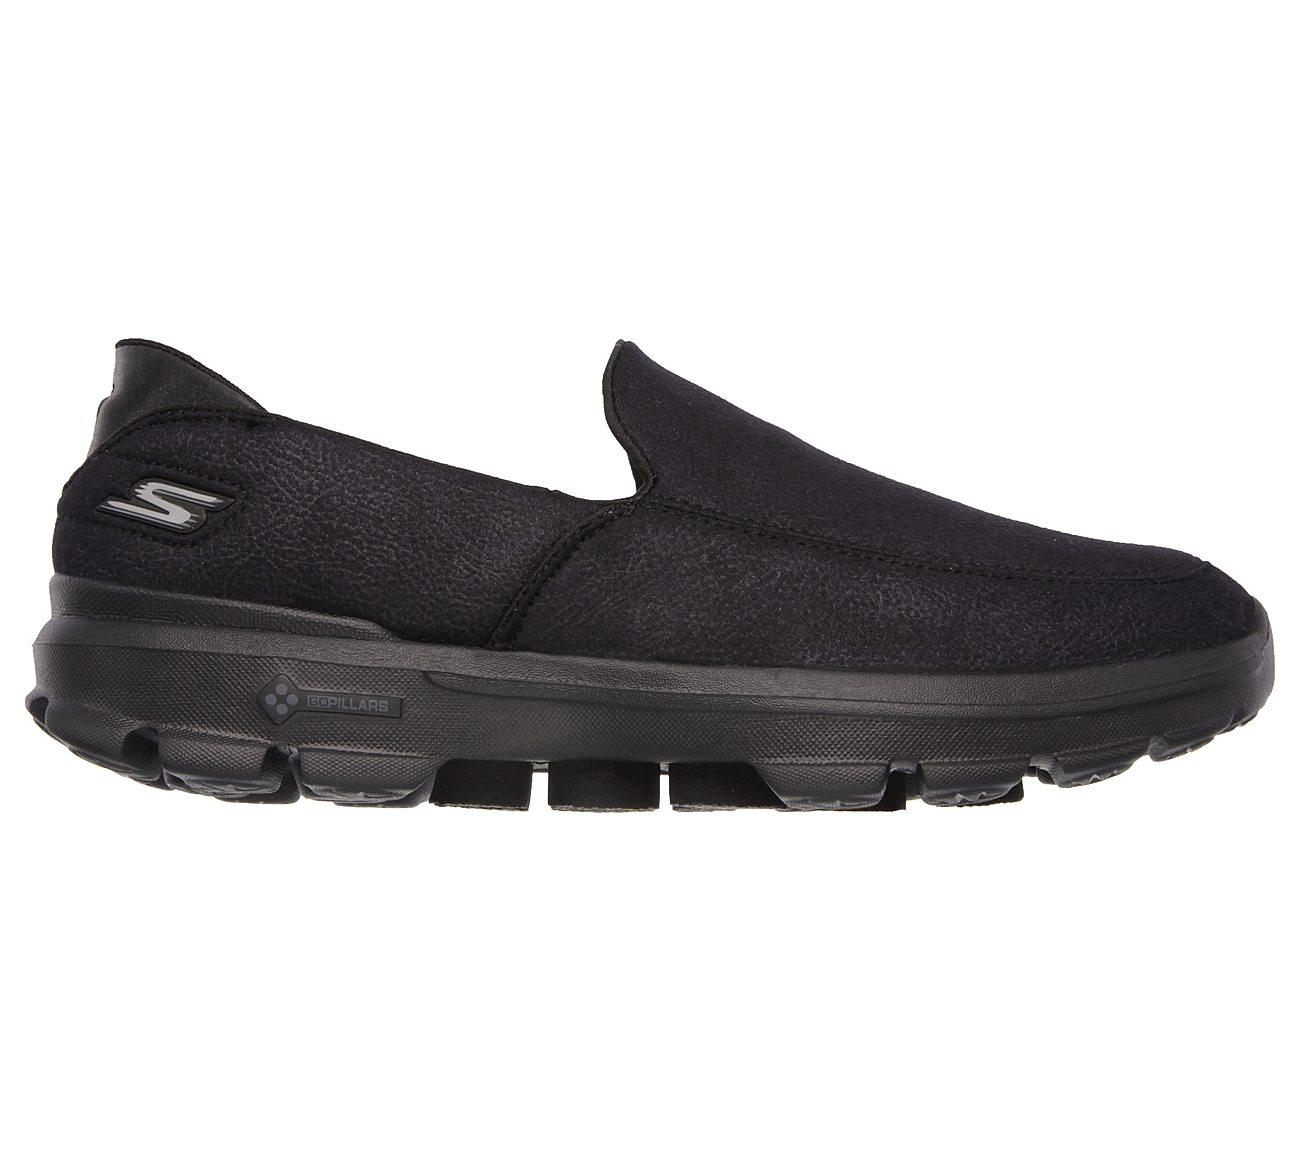 Skechers GOwalk 3 LT. $70.00. Hover to zoom